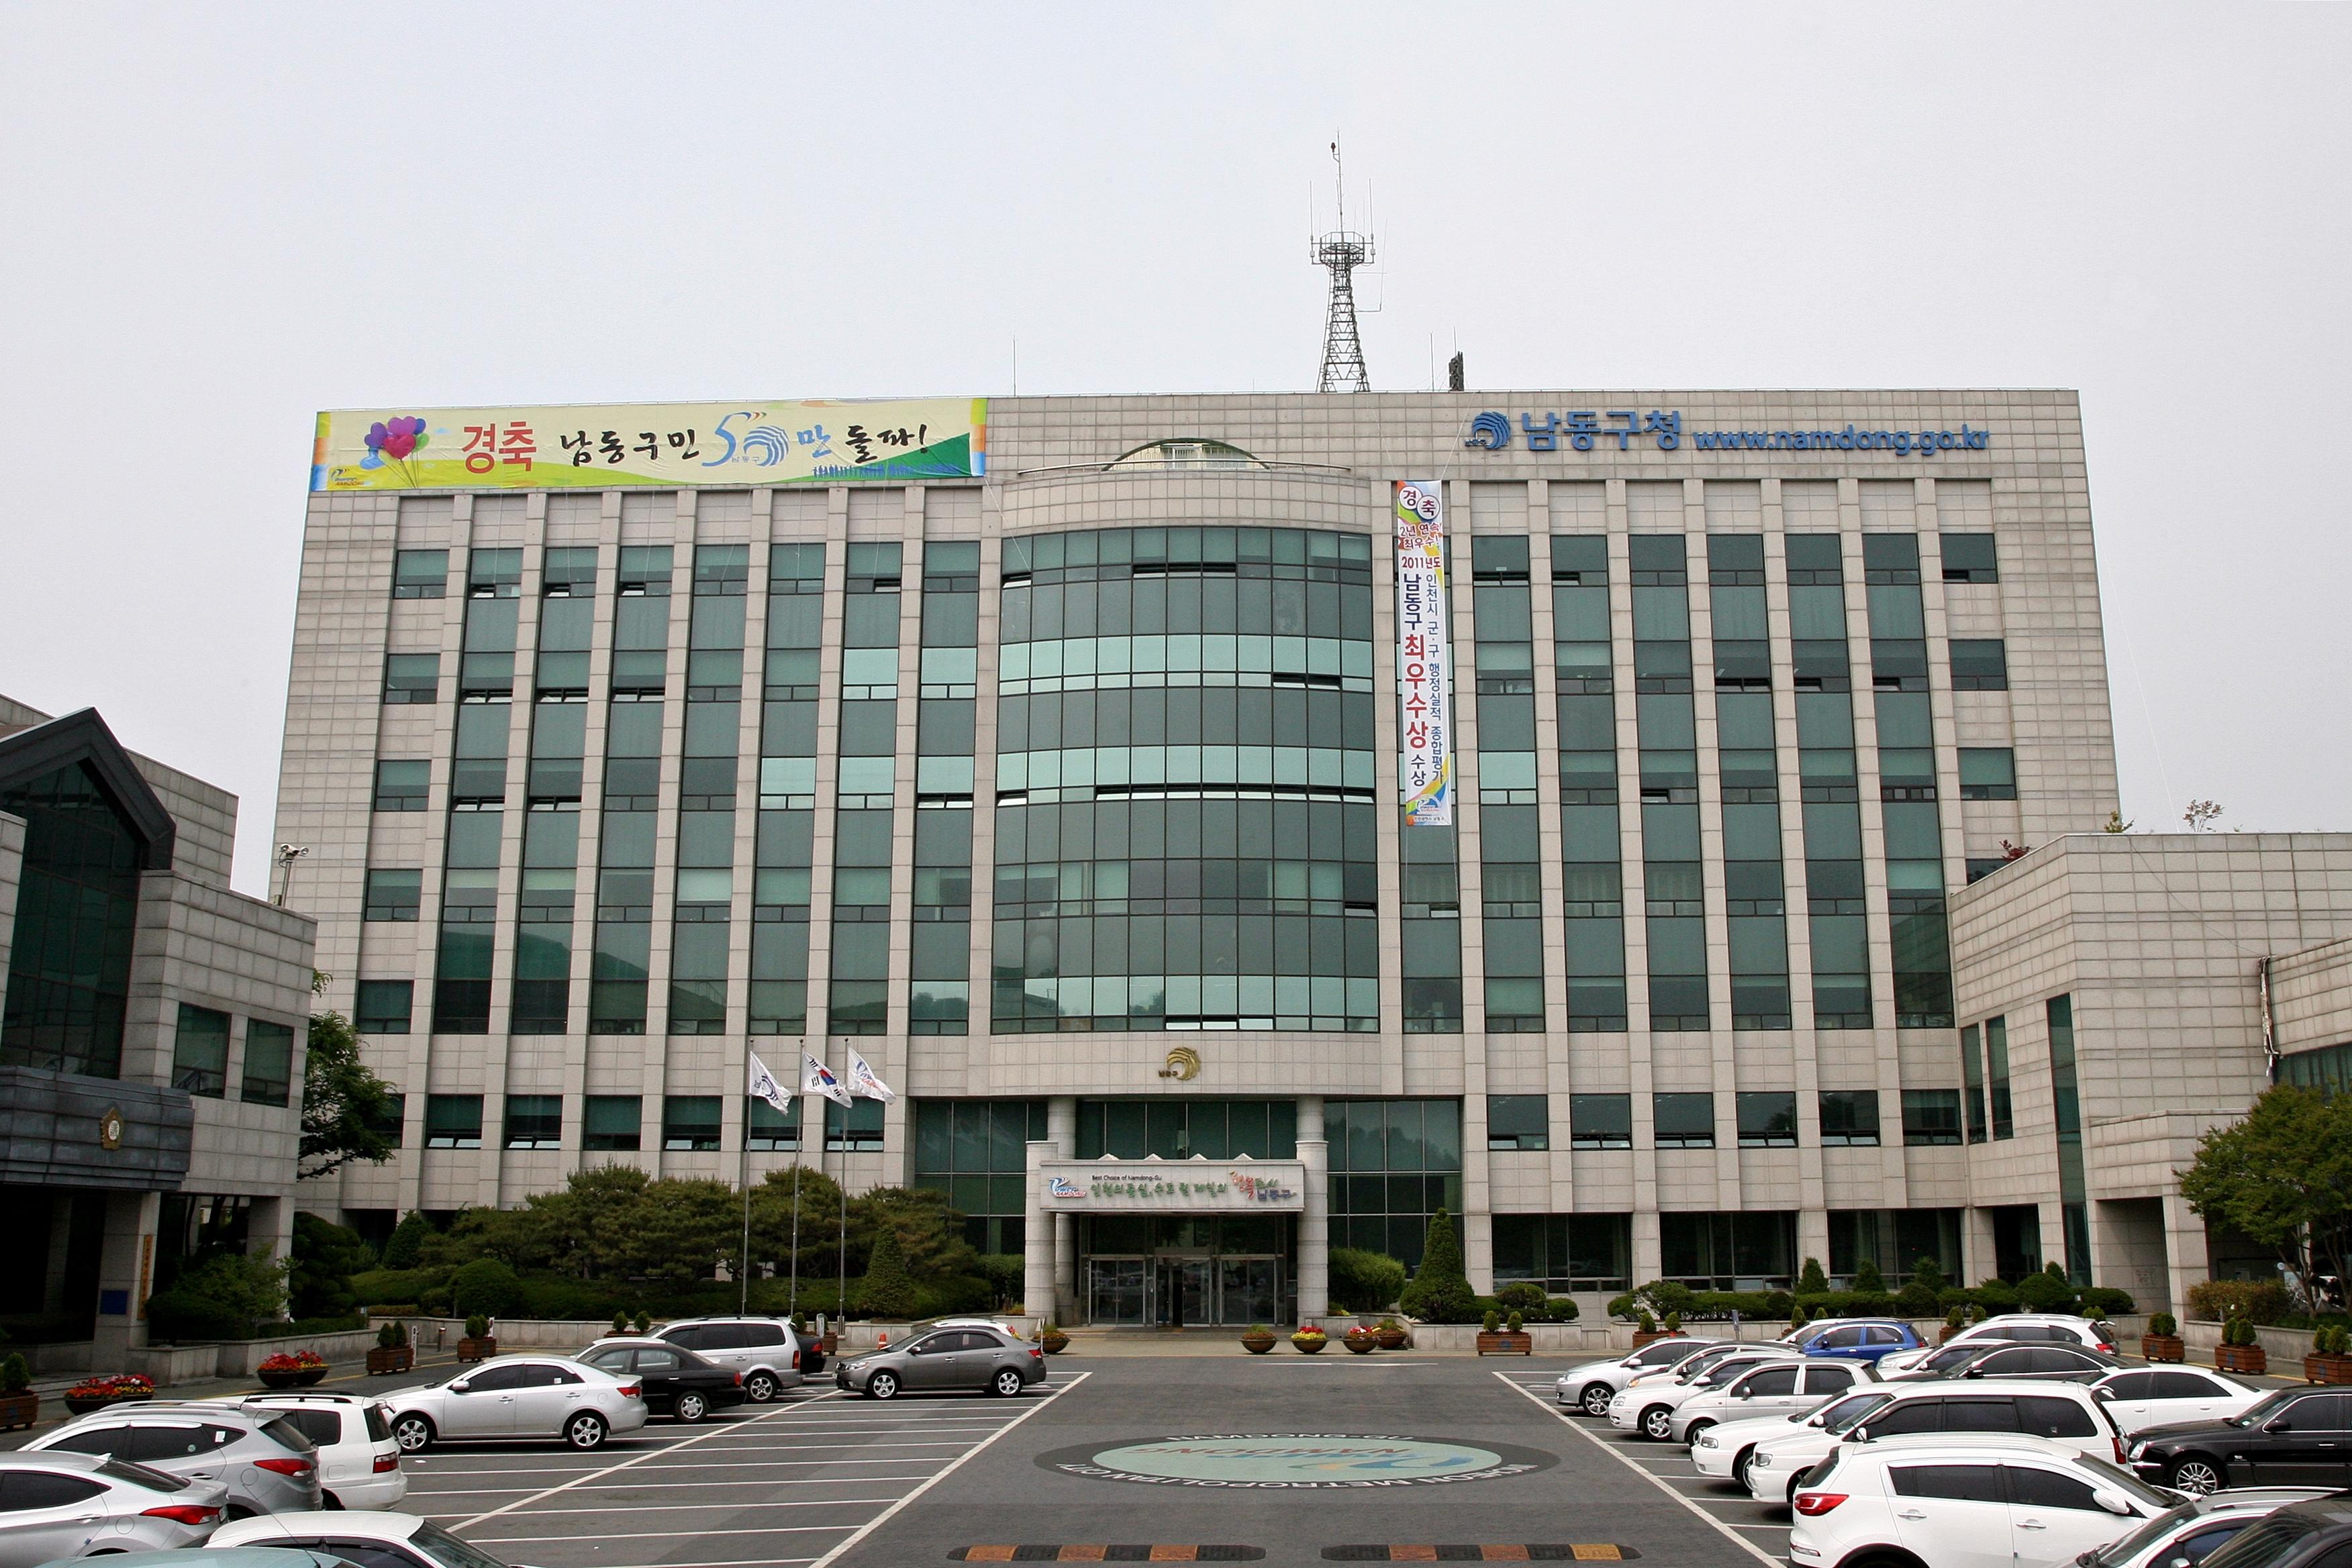 2012.06.09남동구청_전경사진2